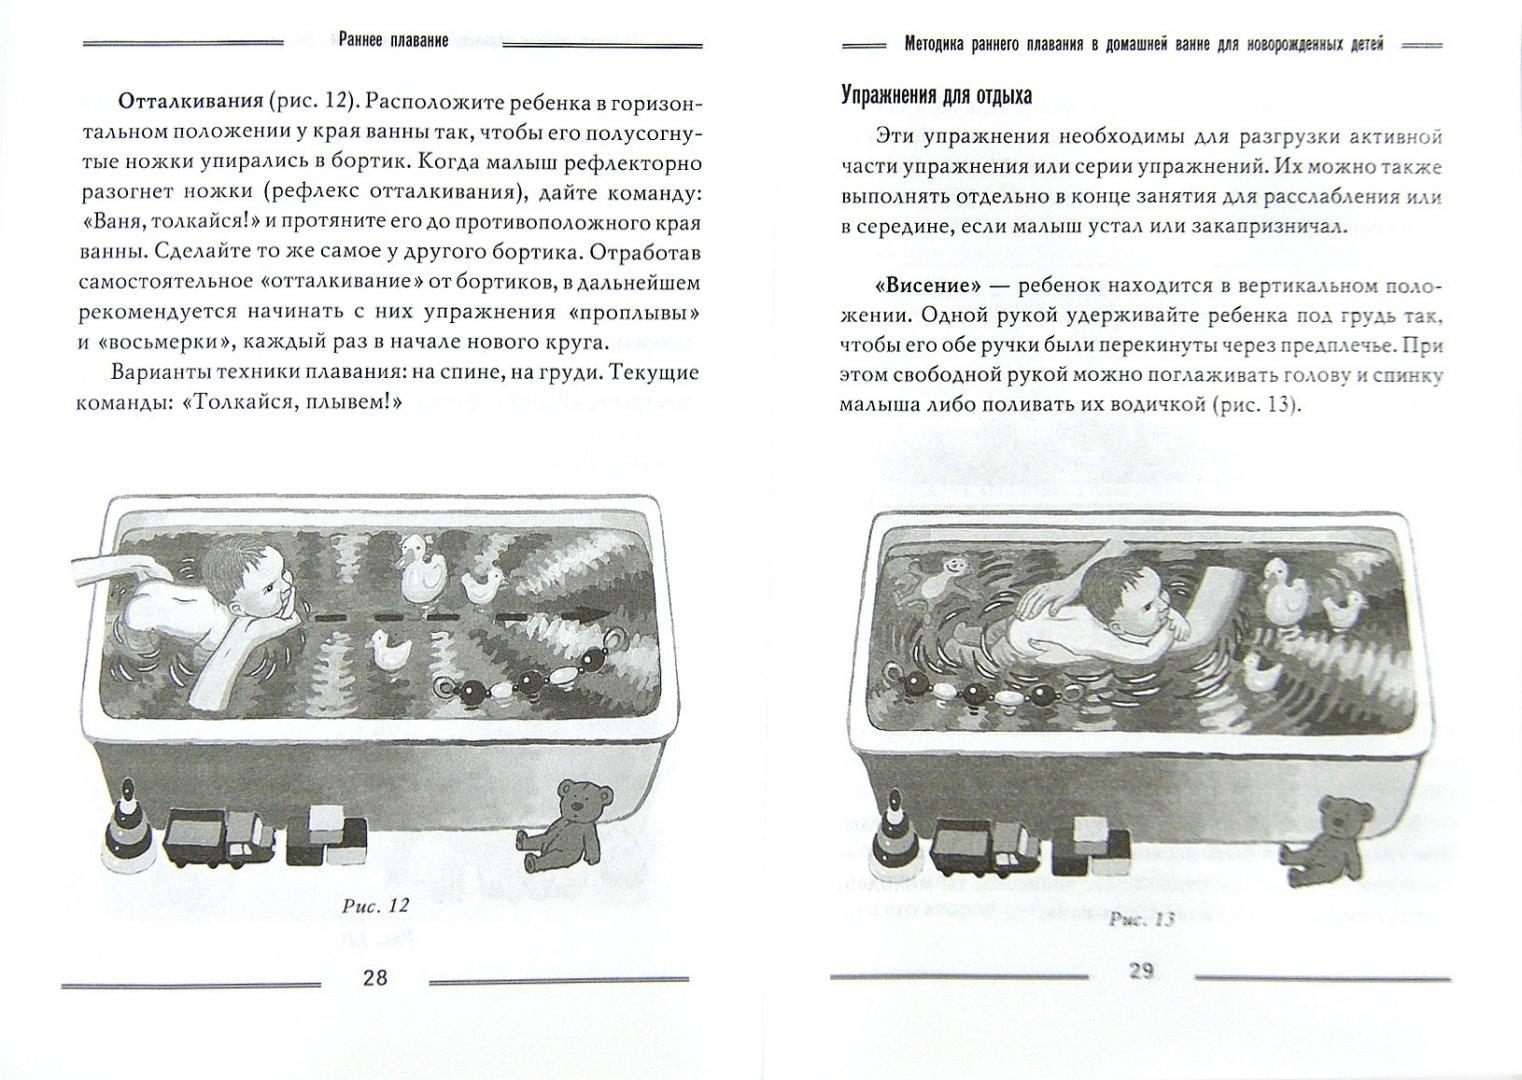 Иллюстрация 1 из 16 для Раннее плавание. Руководство для родителей по обучению малыша. От 2 недель до 18 месяцев - Анна Федулова   Лабиринт - книги. Источник: Лабиринт